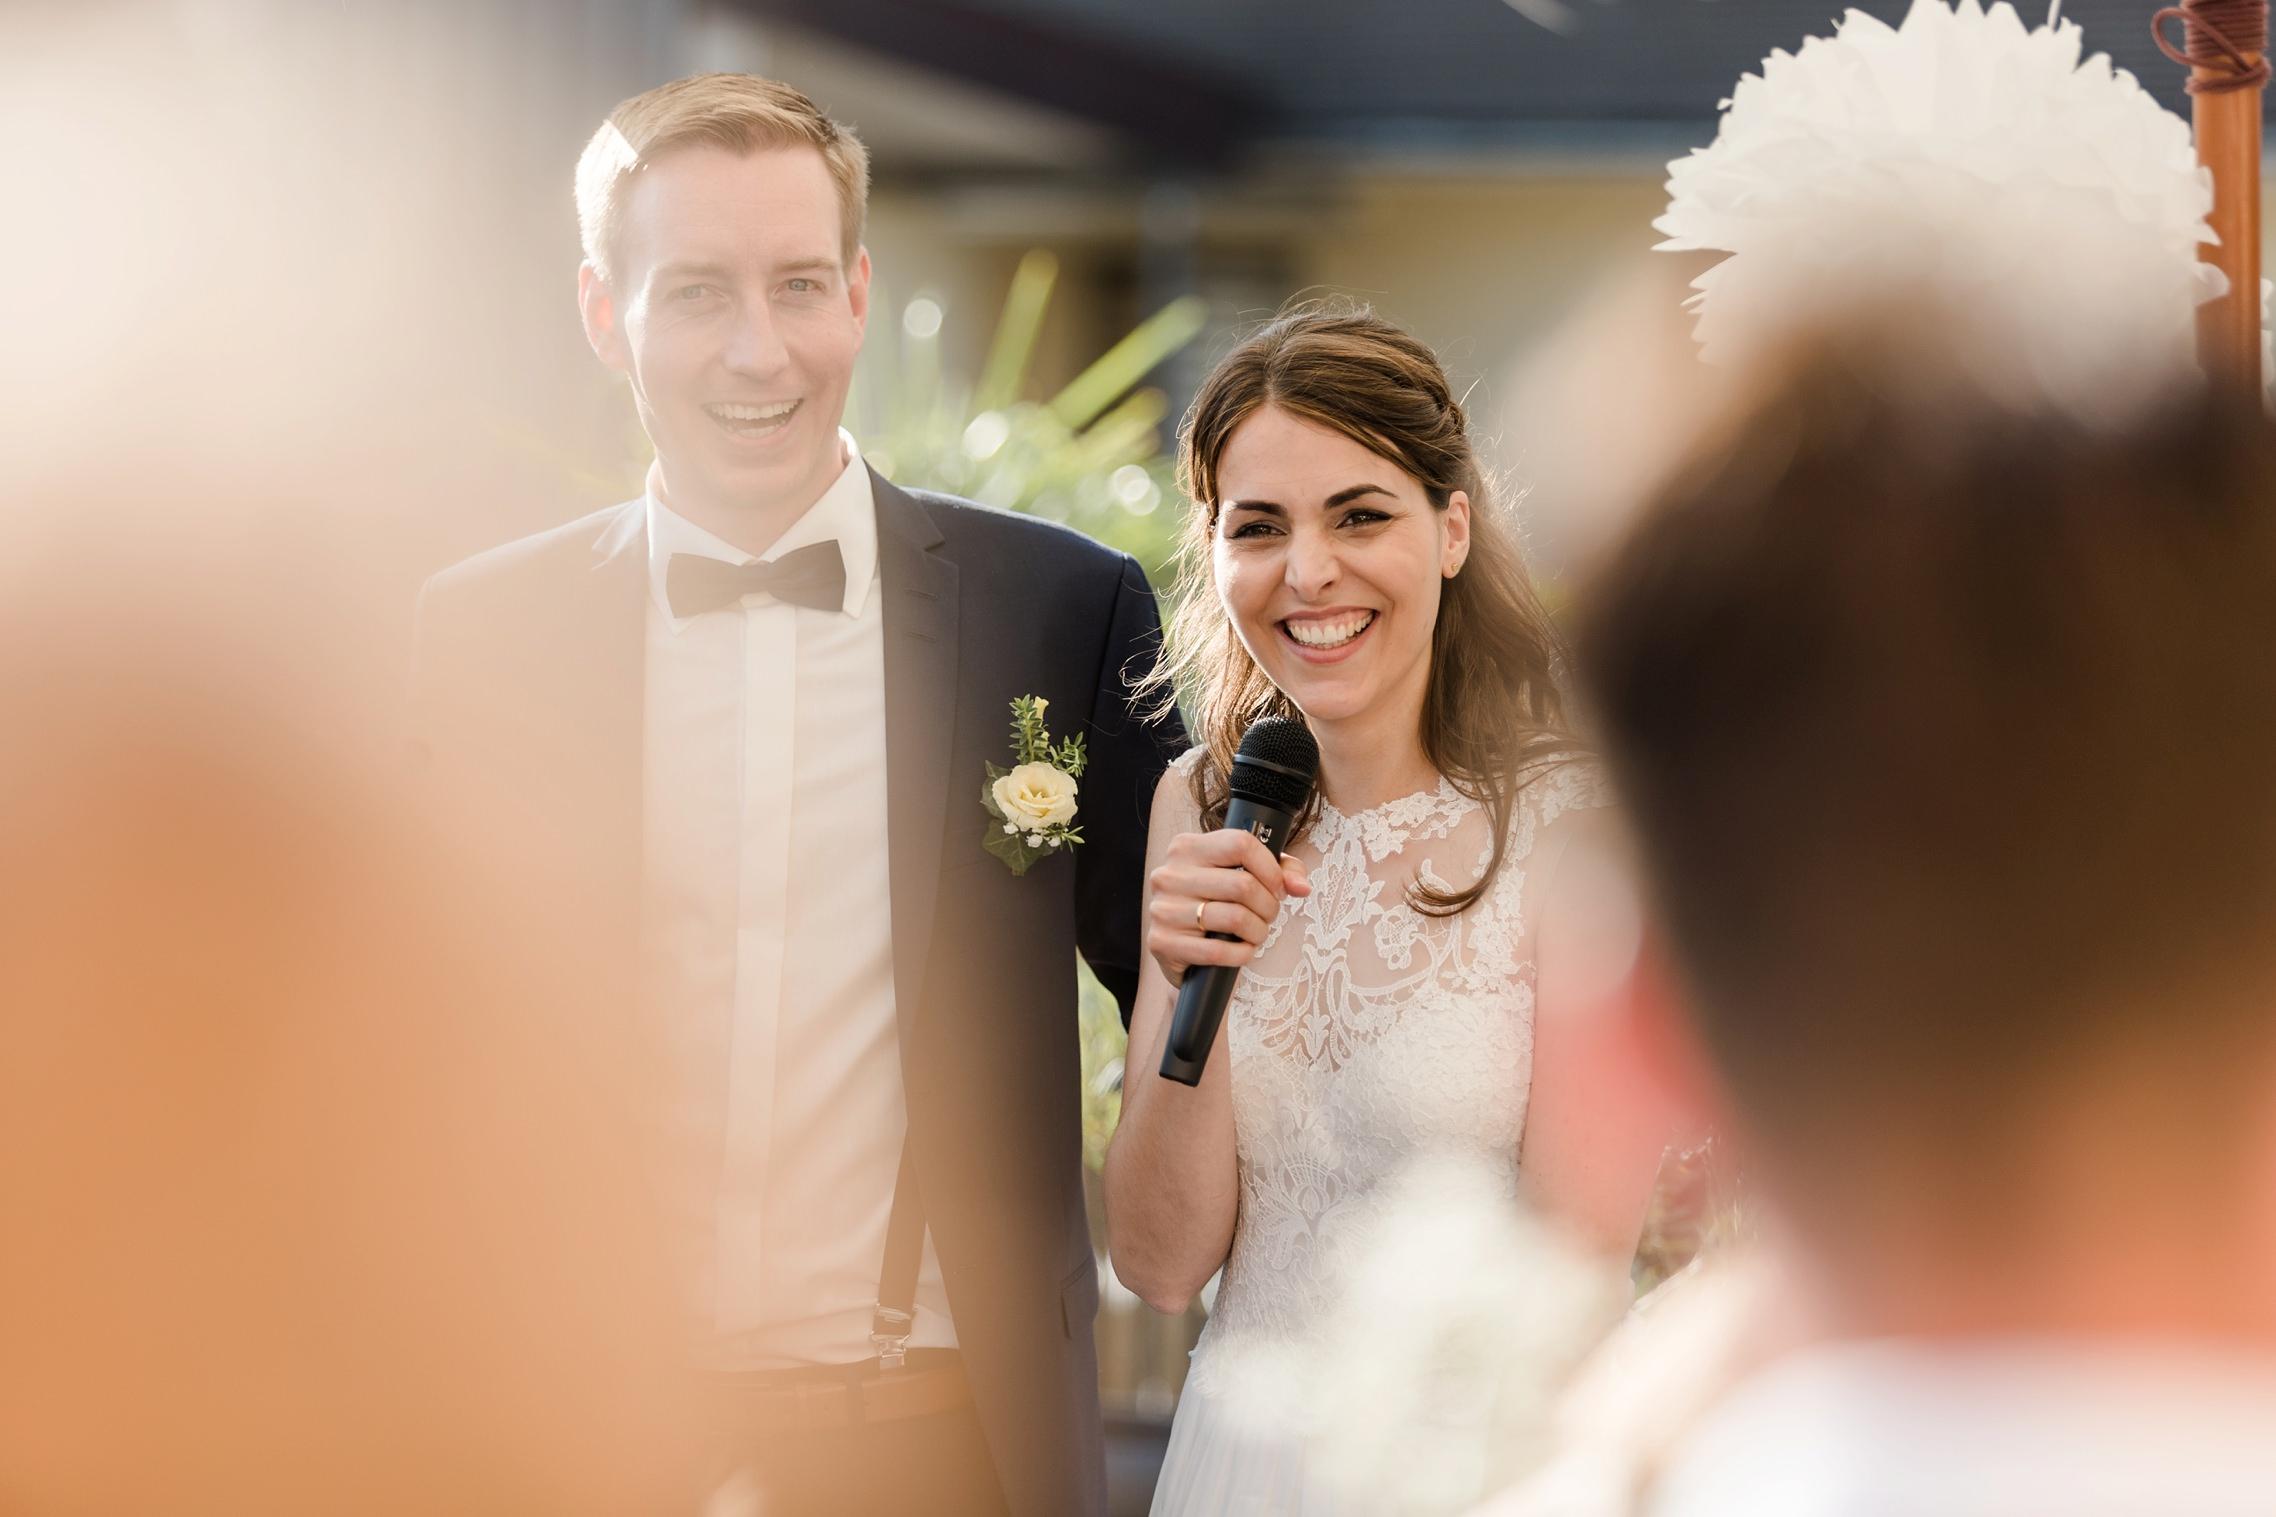 Das Hochzeitspaar begrüßt die Gäste im Bahnhof in Rüdesheim.